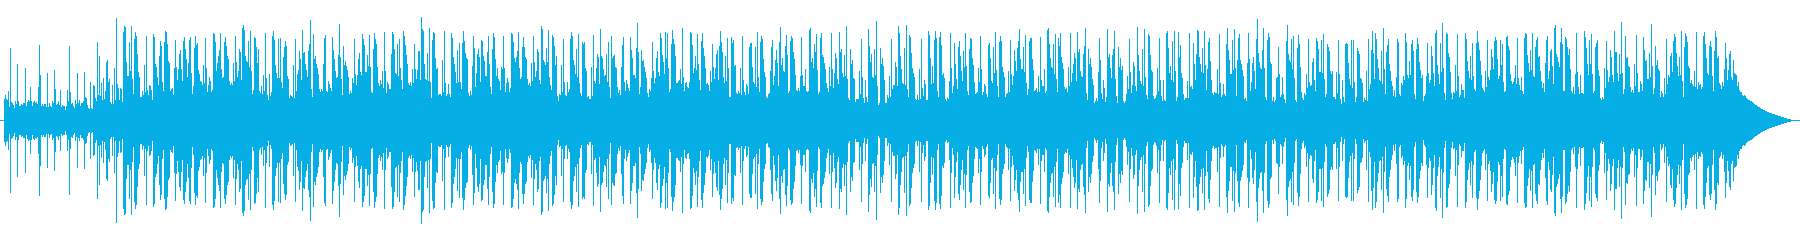 快適で明るいミッドテンポのメロディ...の再生済みの波形